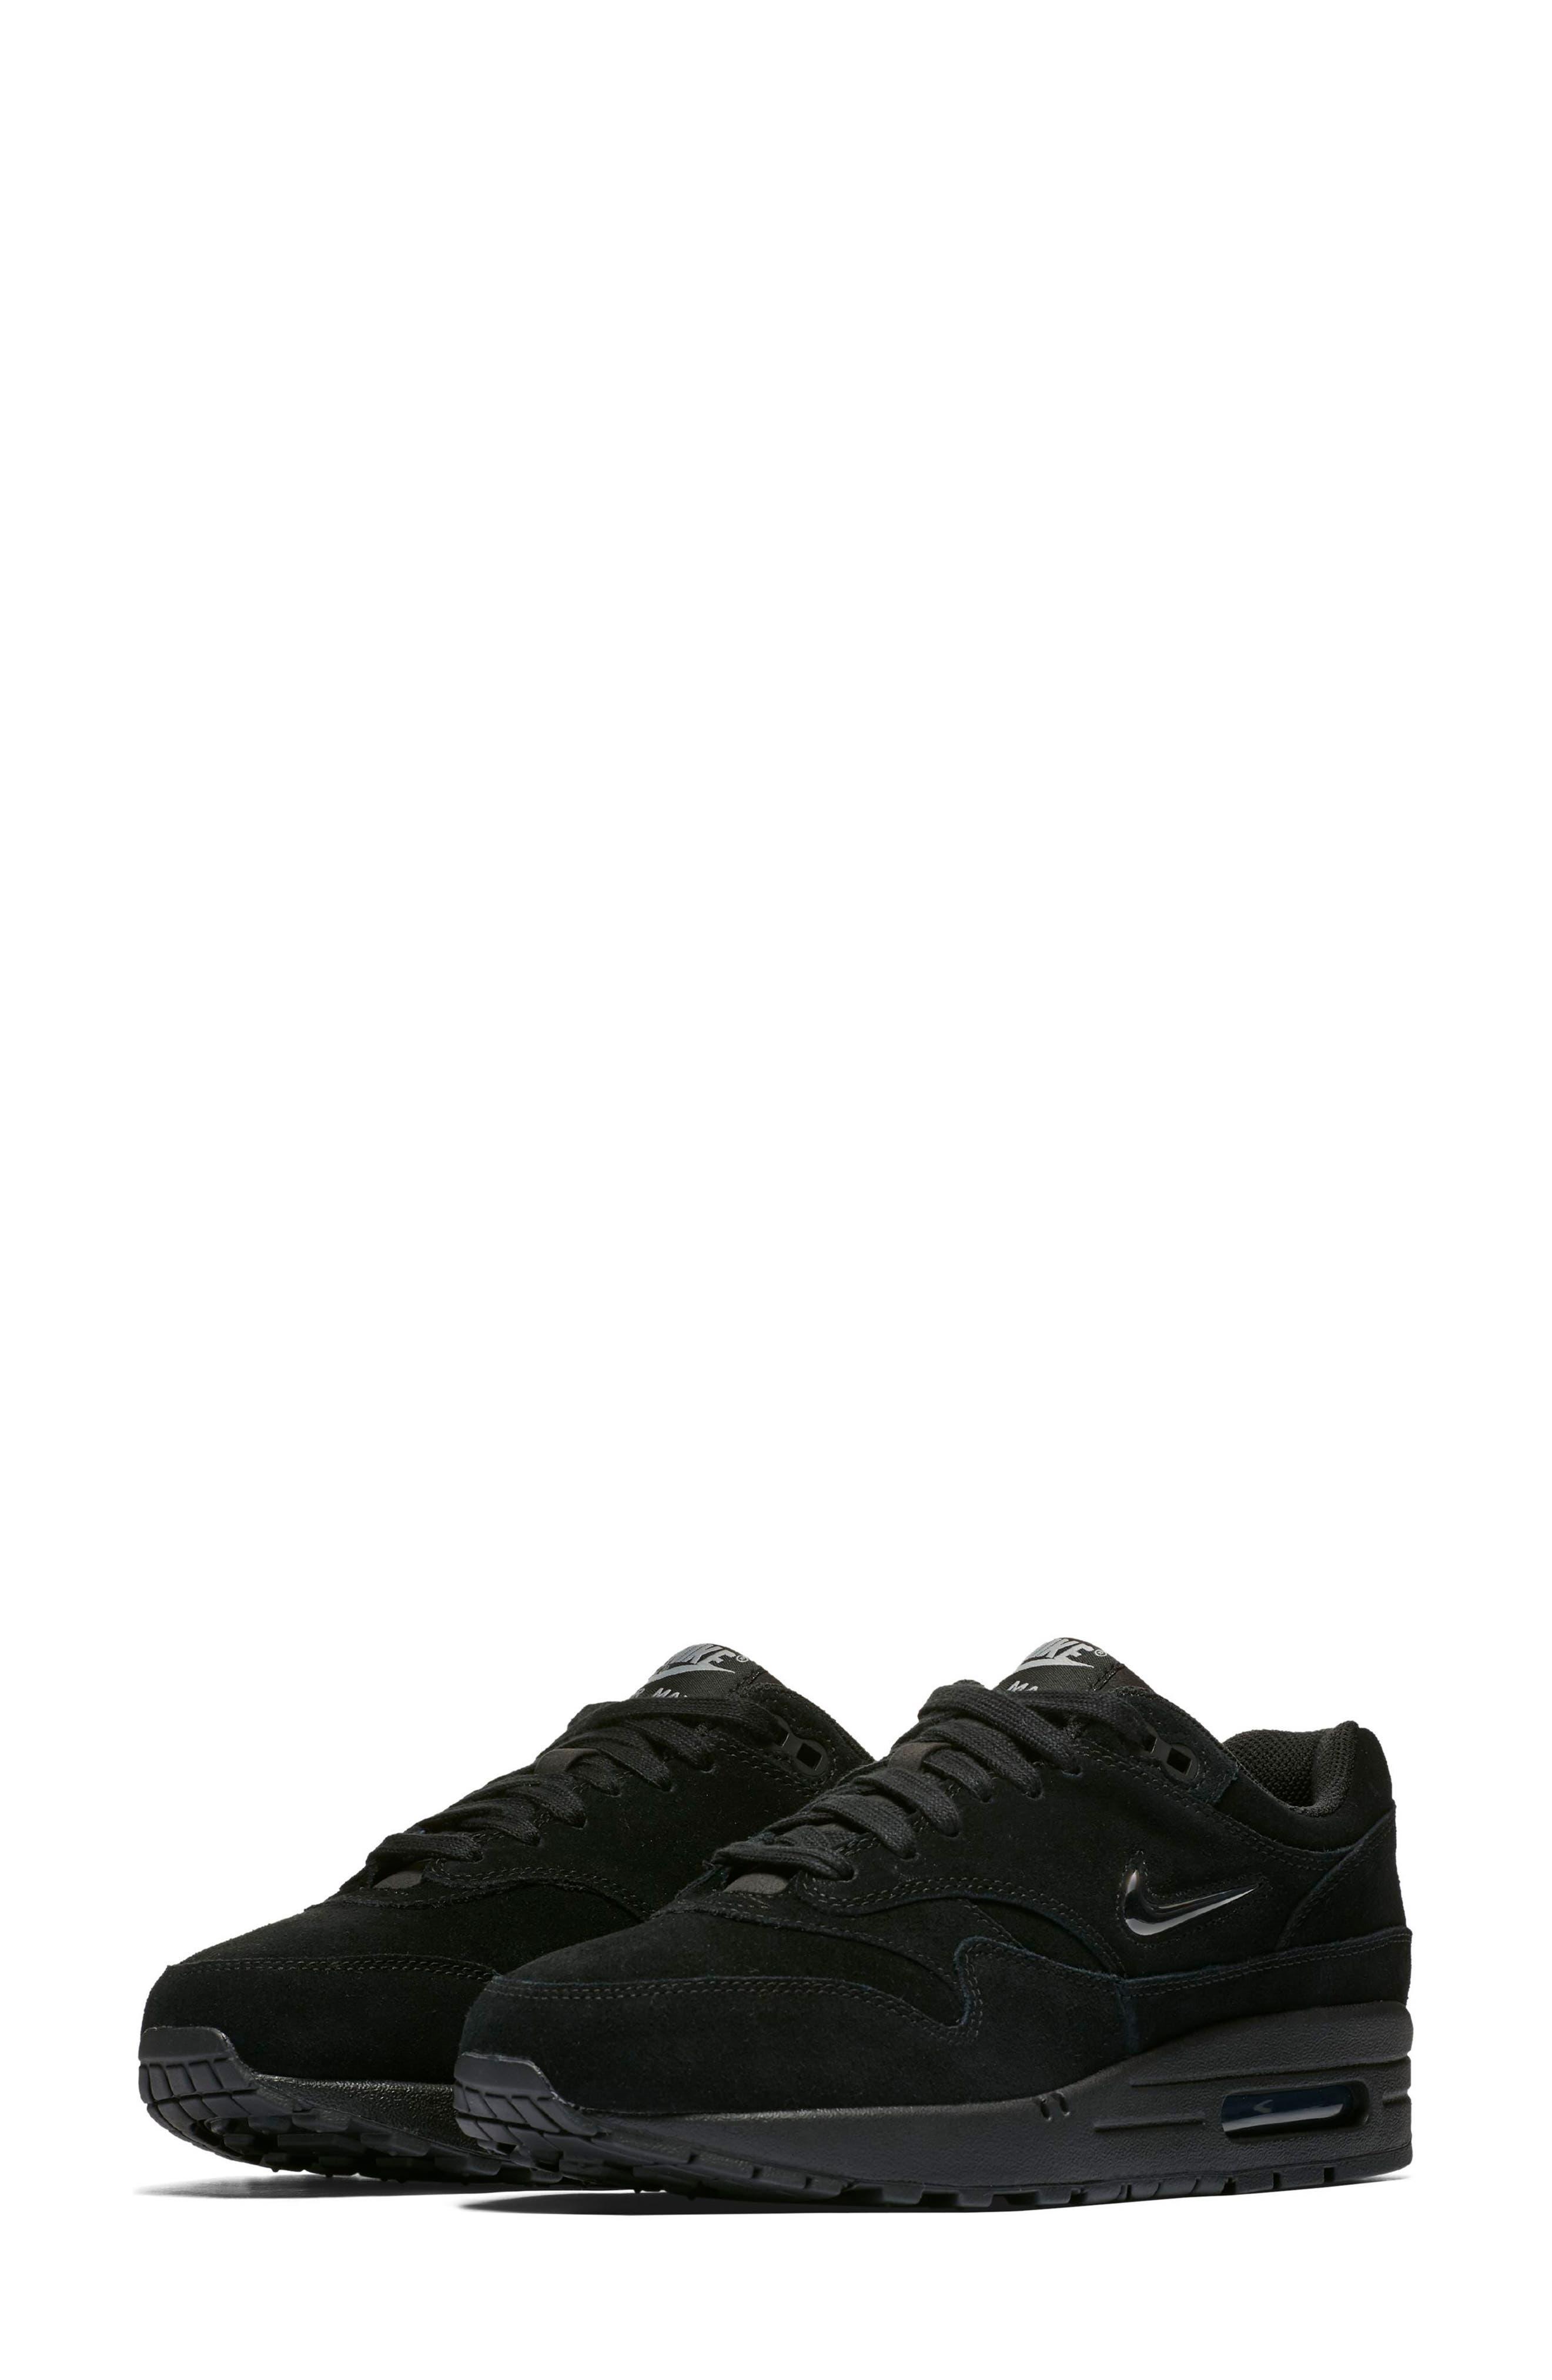 Air Max 1 Premium SC Sneaker,                             Alternate thumbnail 4, color,                             001